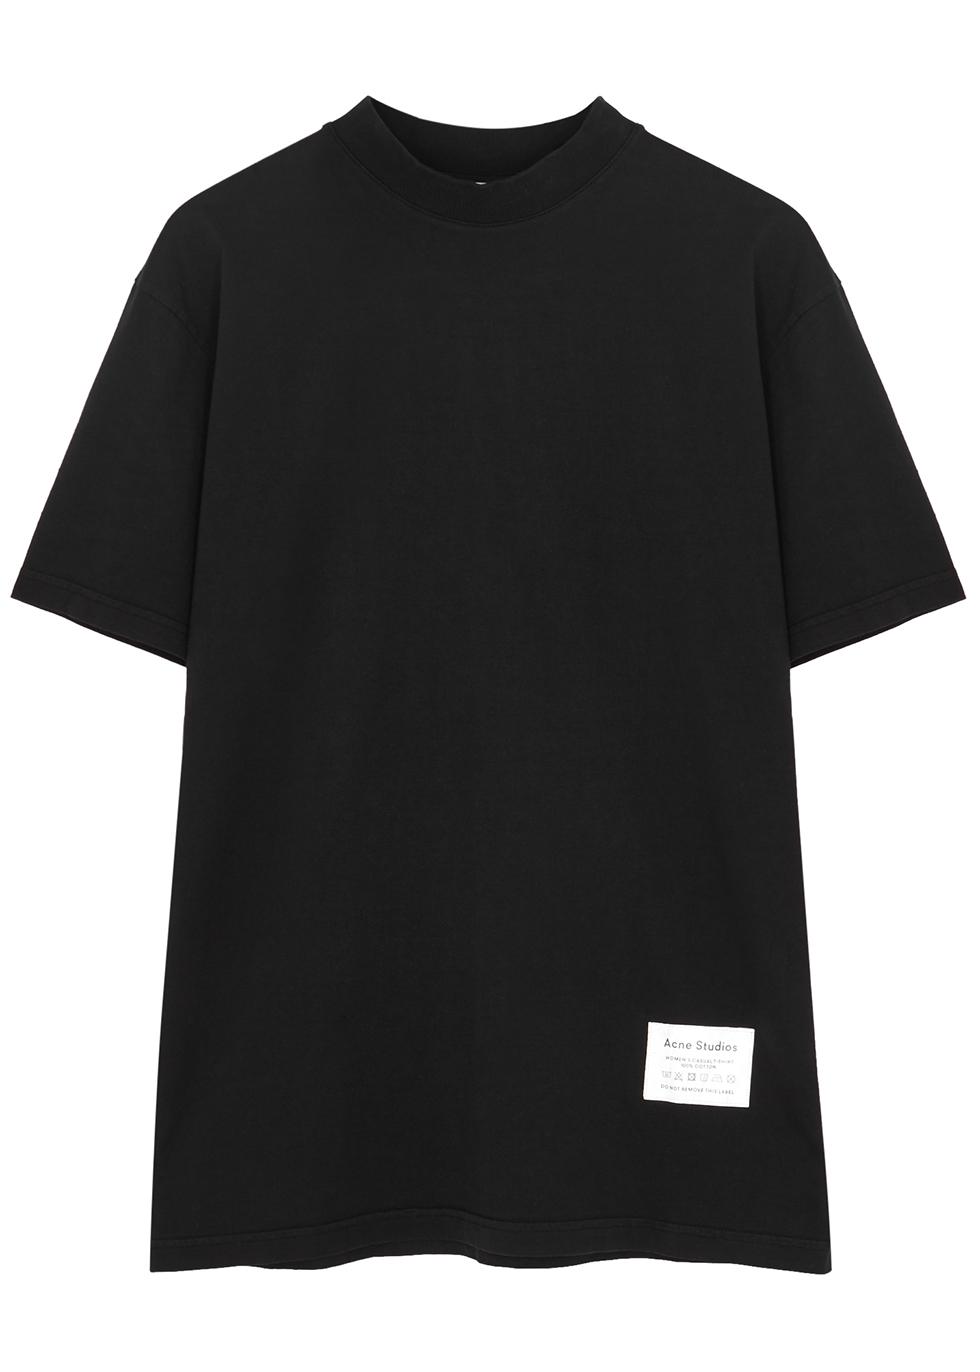 Black cotton T-shirt - Acne Studios